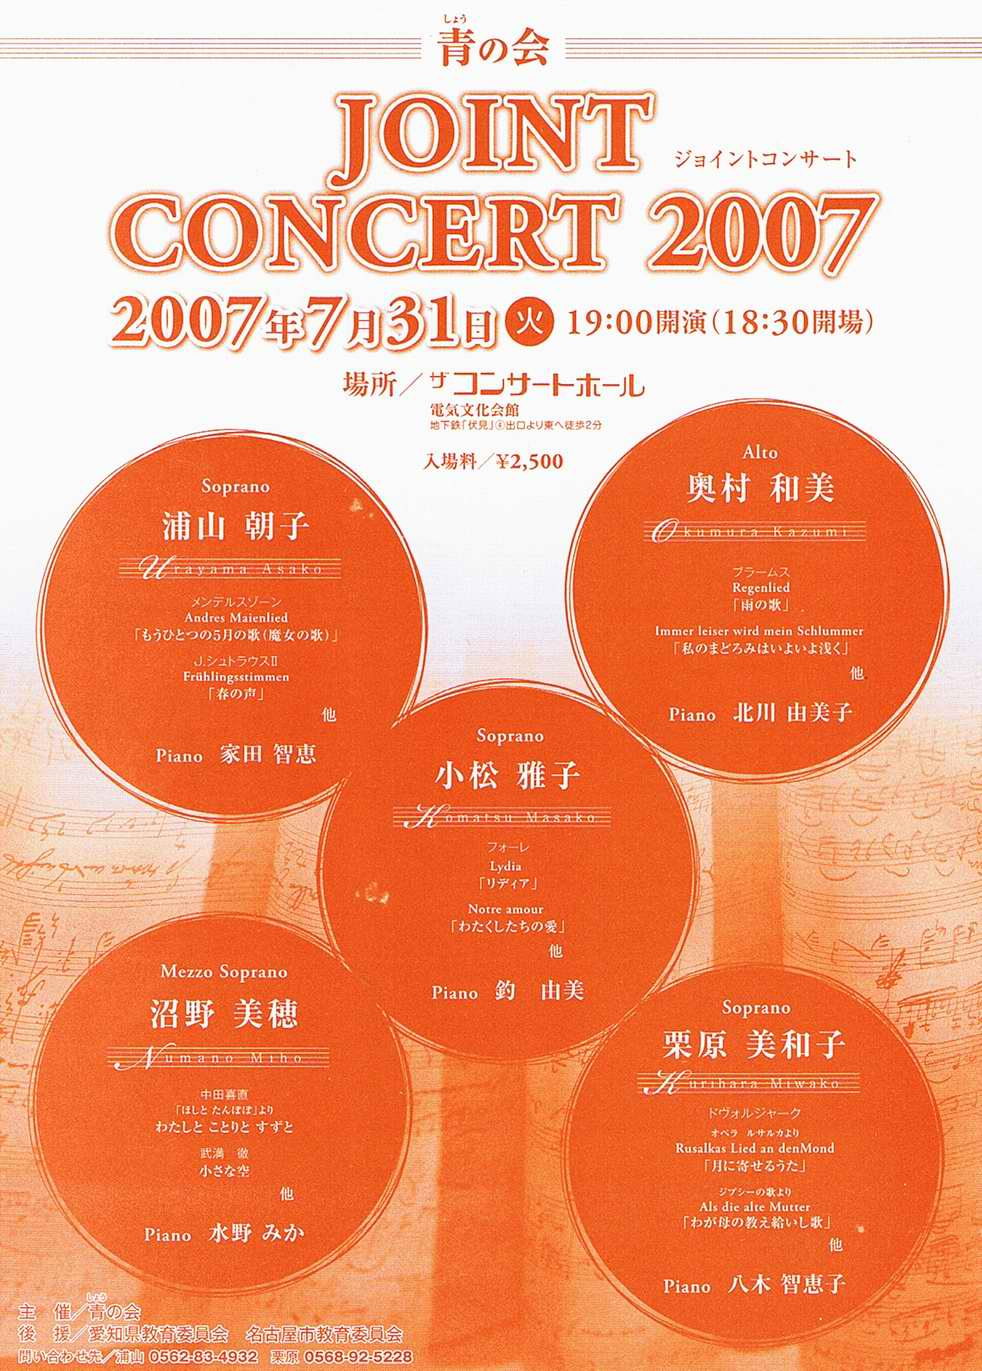 Concert20070731